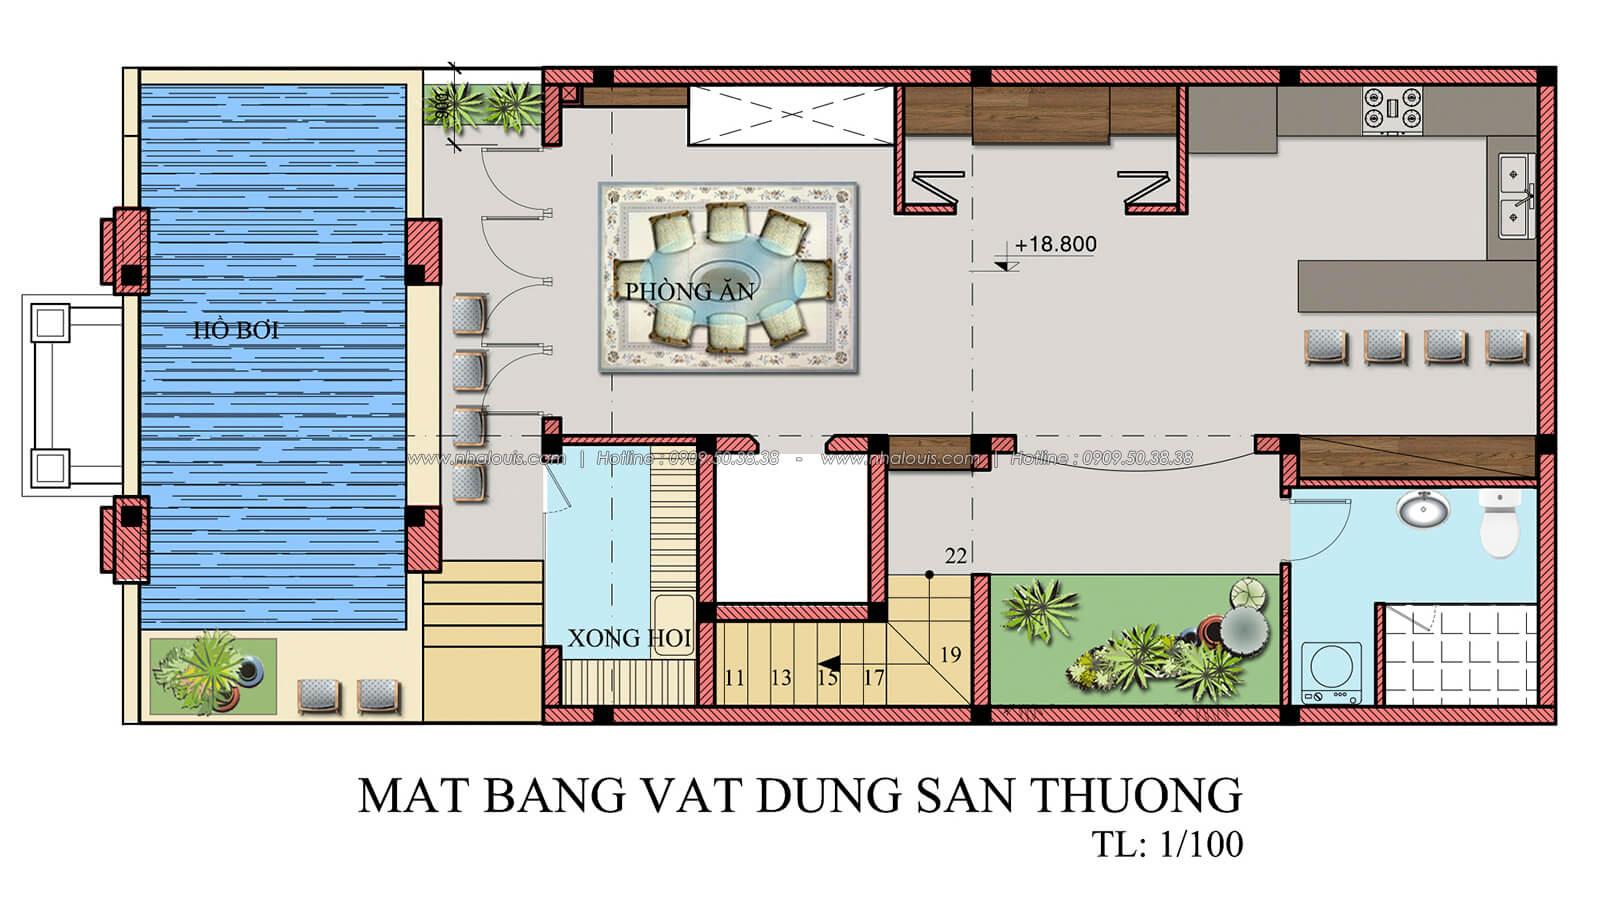 Mặt bằng sân thượng thiết kế penthouses với nội thất cực chất anh Kim quận Tân Bình - 26